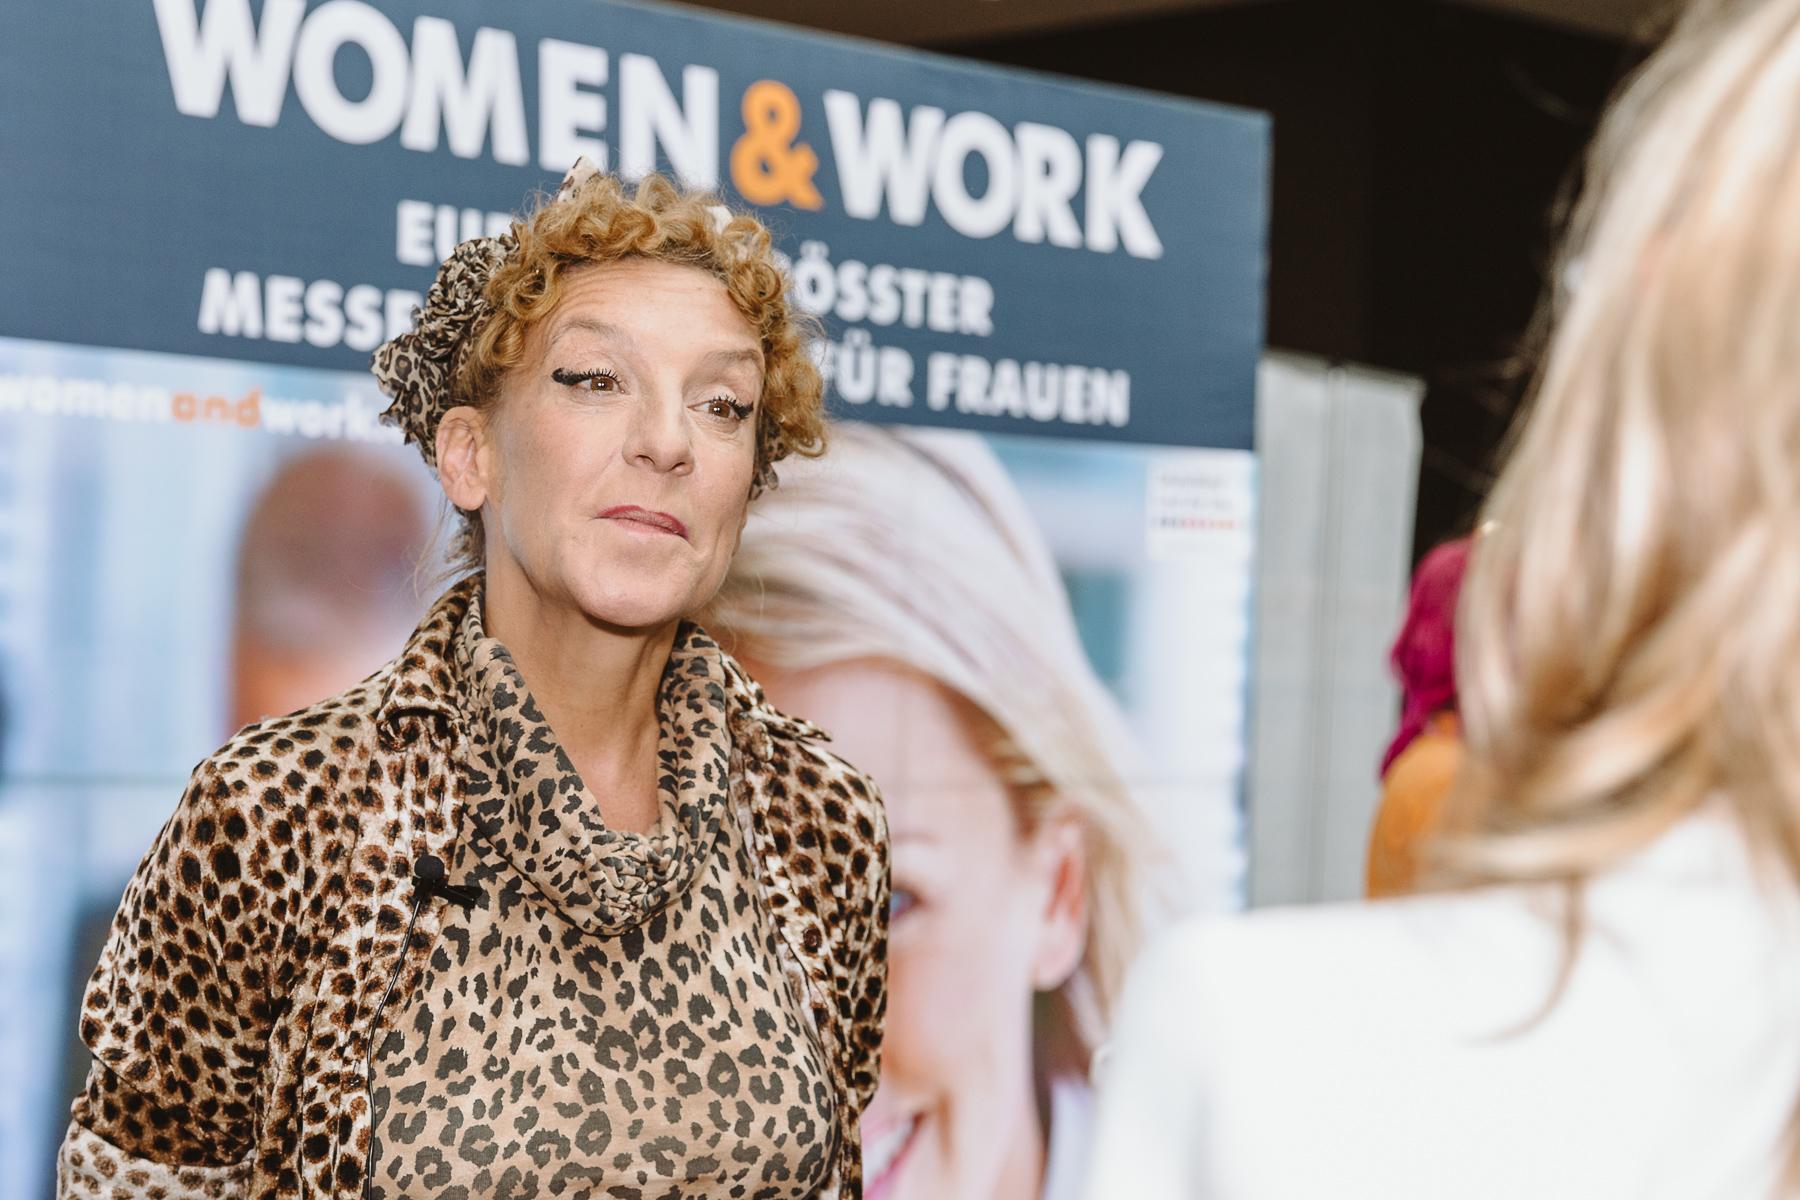 Kongressfotografie - women&work - Sissi Perlinger vor der Kamera im Interview